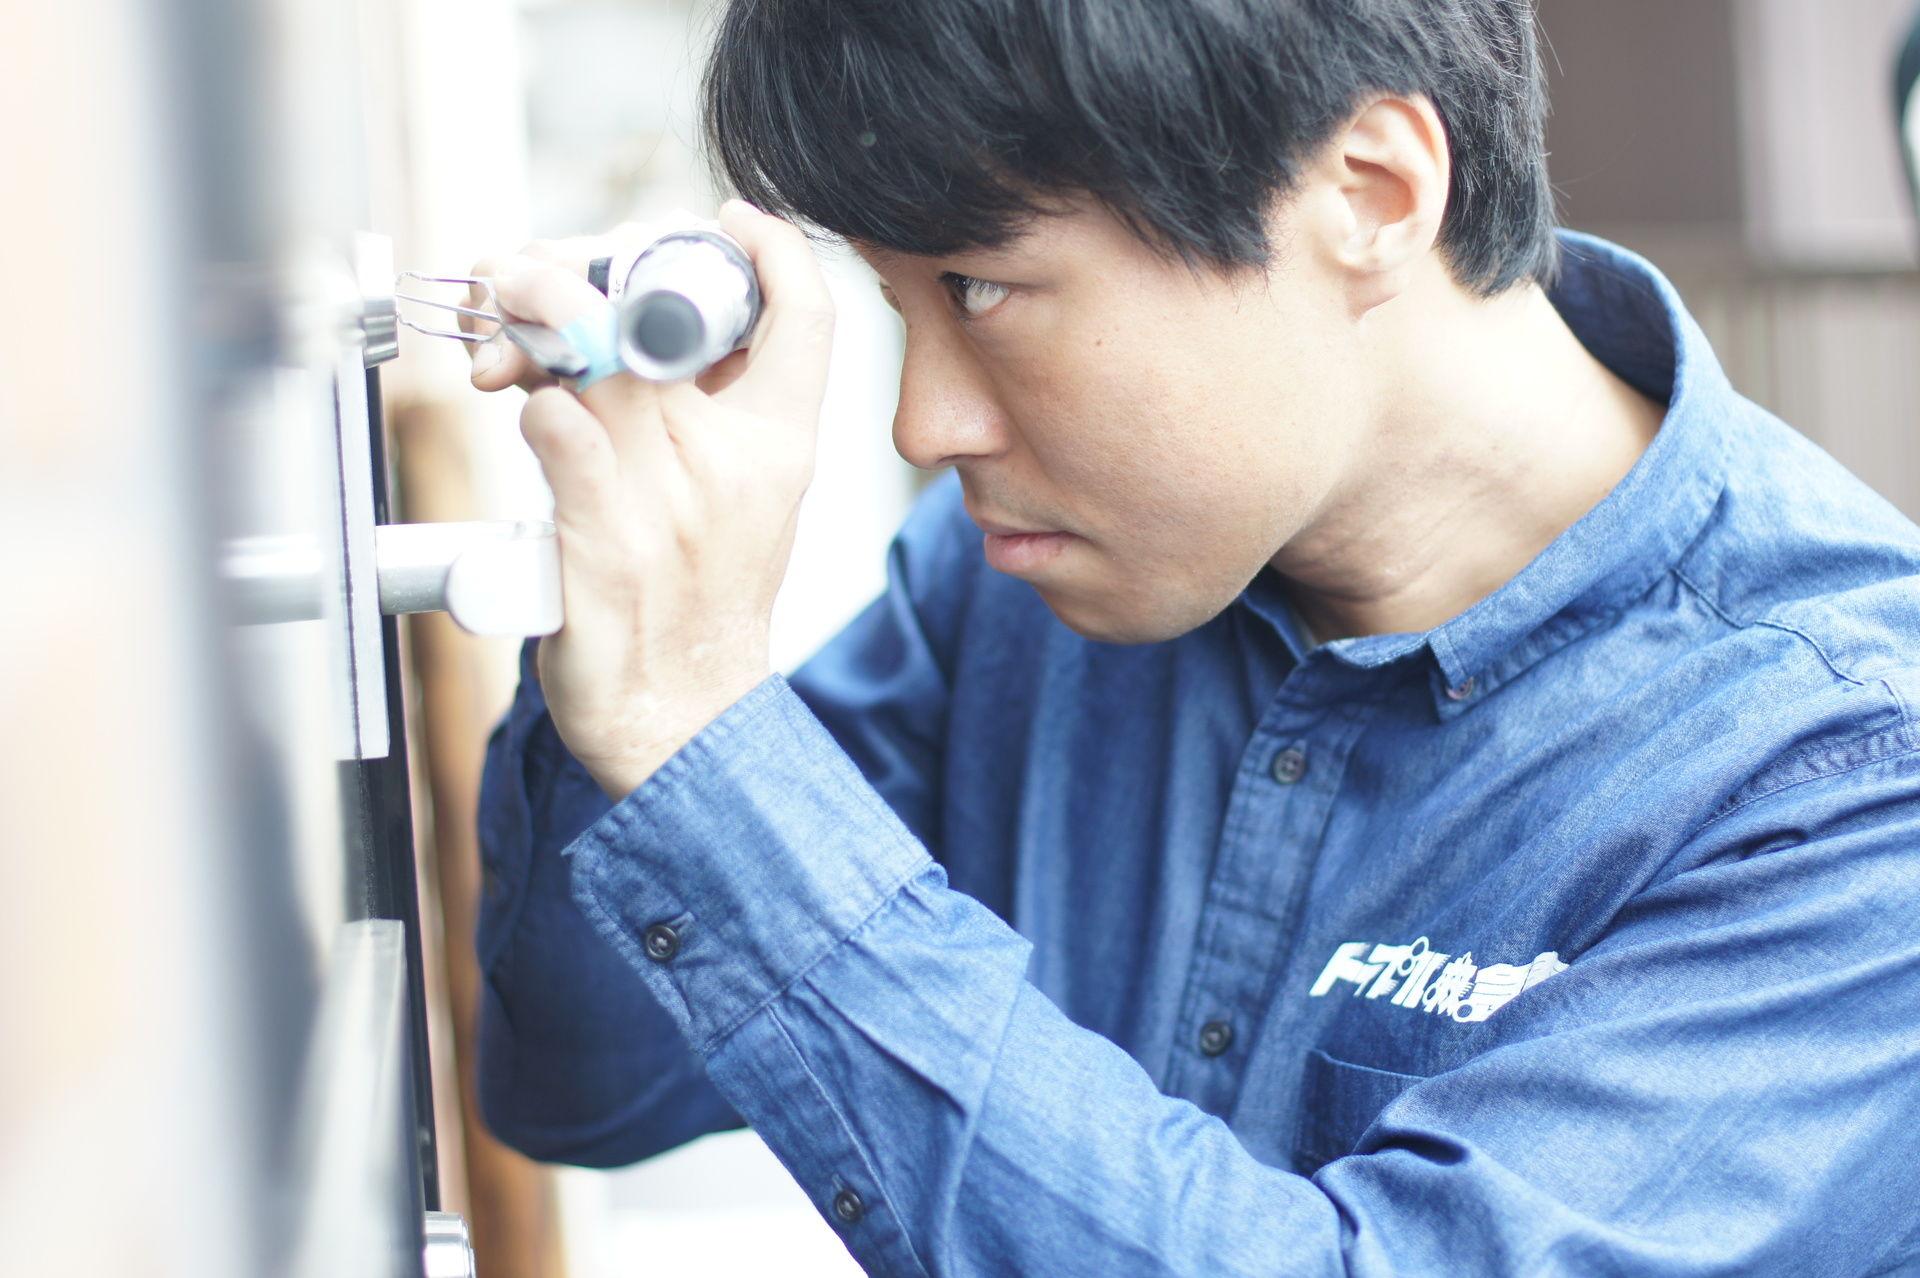 カギのトラブル救Q隊.24【上山市 出張エリア】のメイン画像